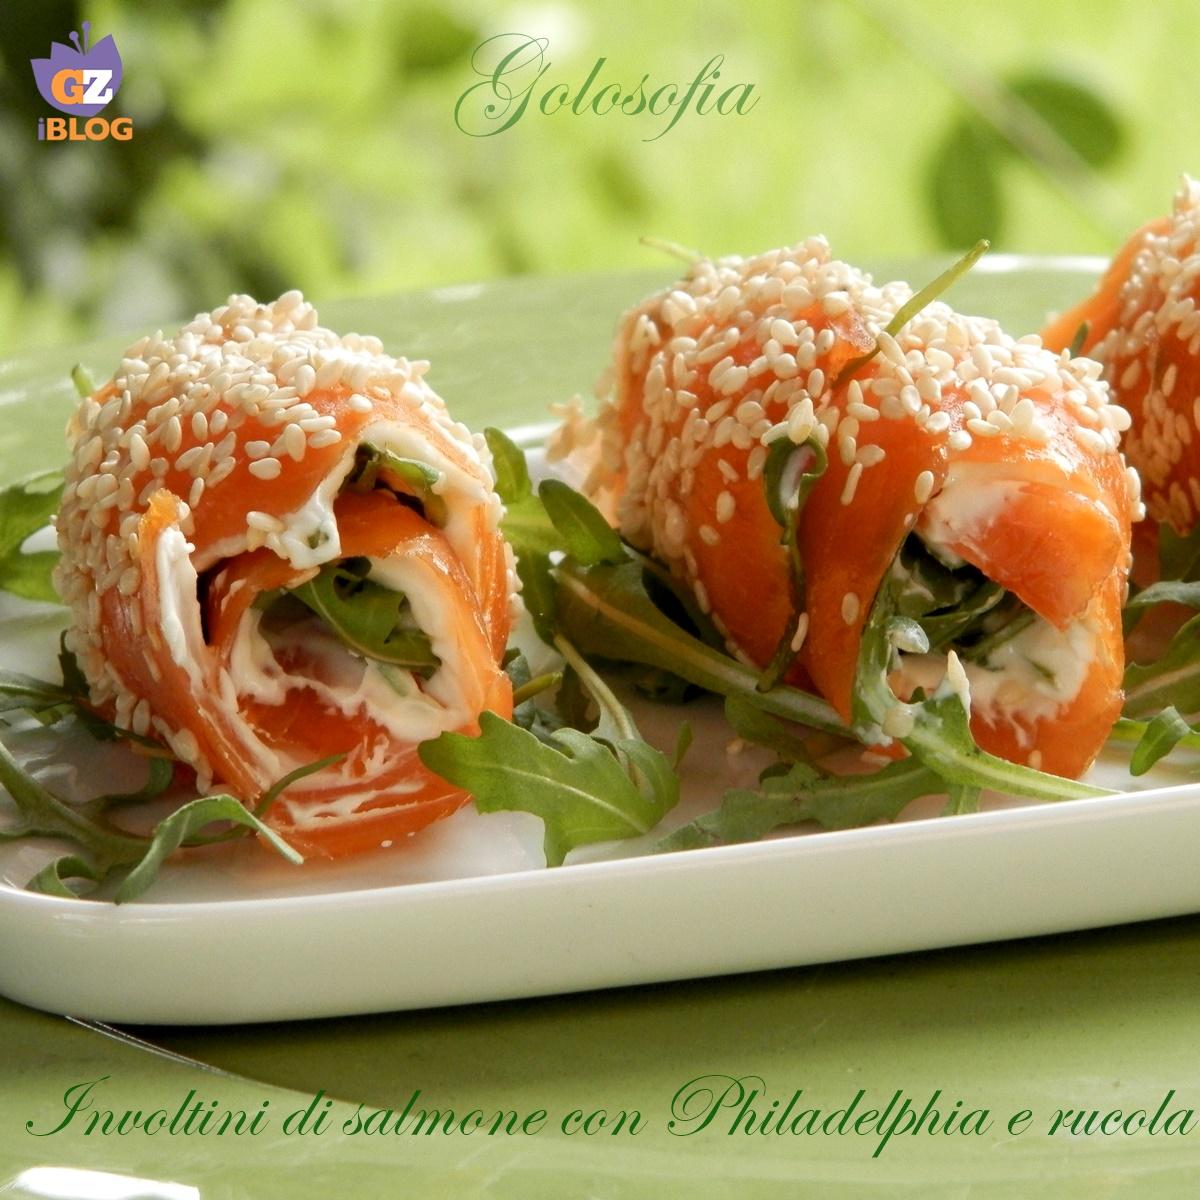 Involtini di salmone con philadelphia e rucola-ricetta antipasti-golosofia